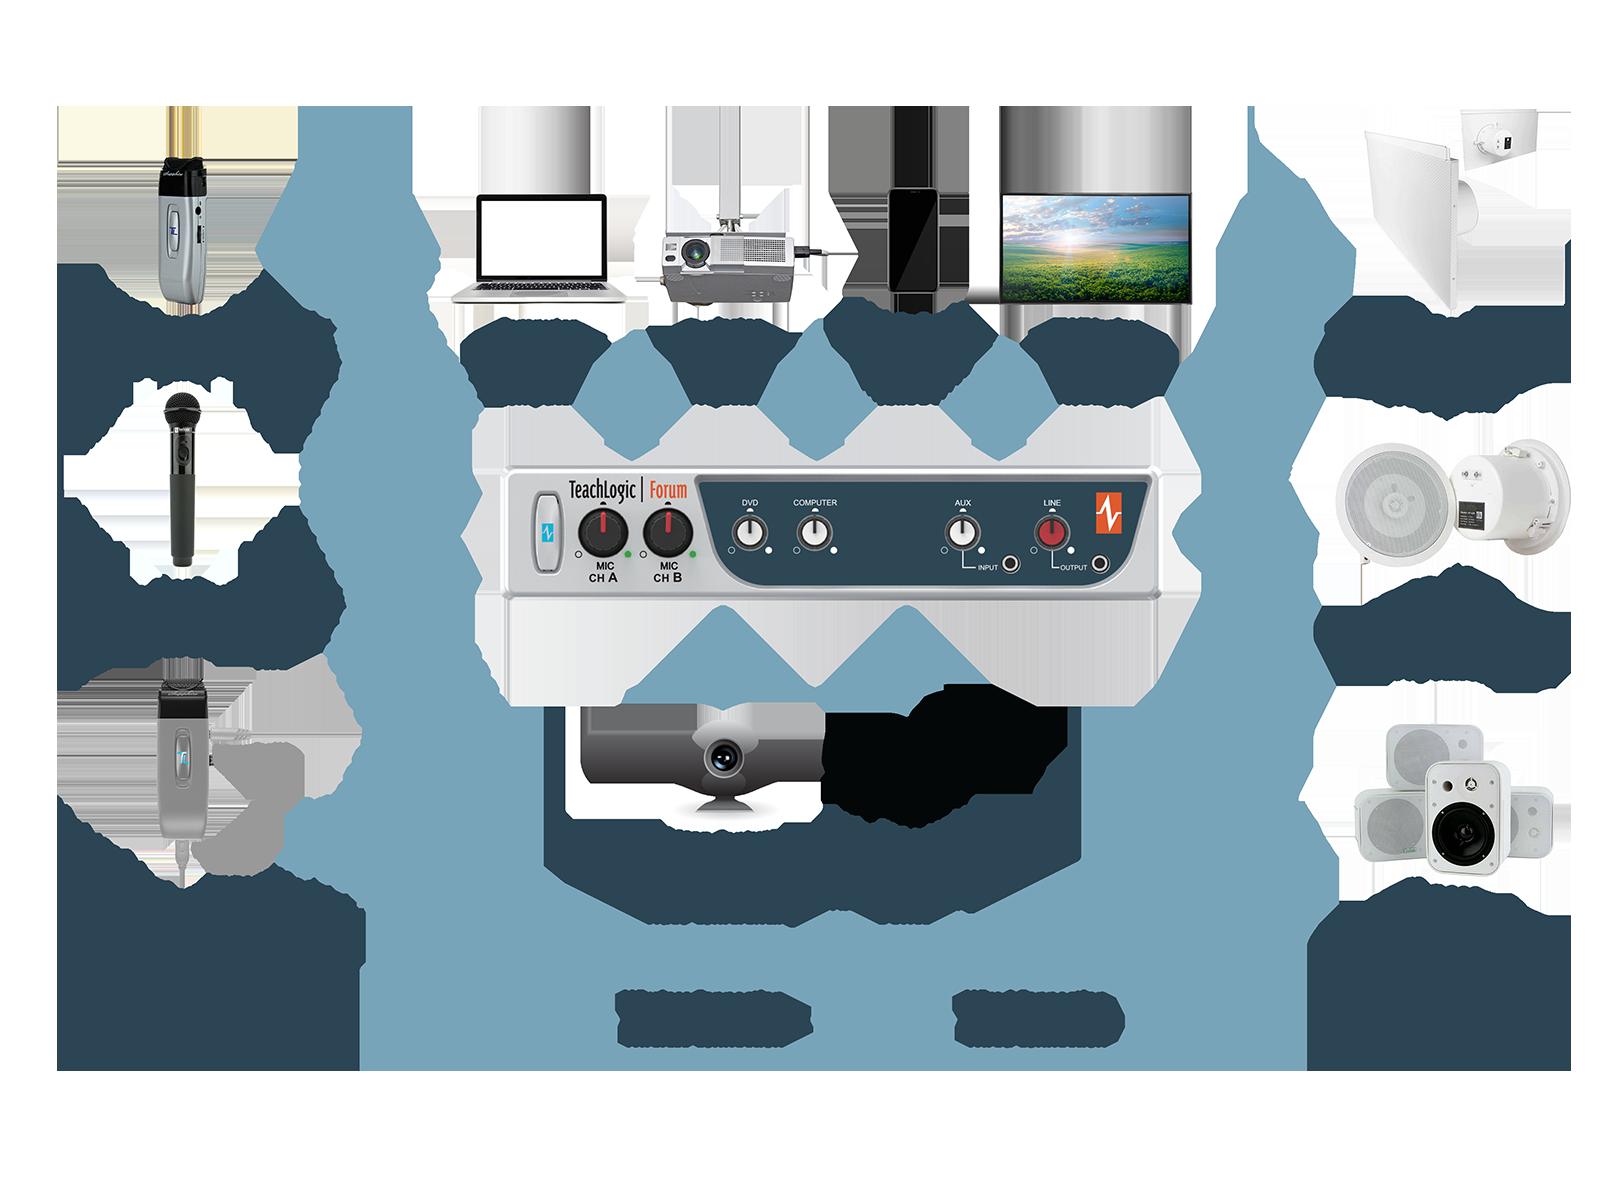 IMA 240 Forum Audio Connections Diagram